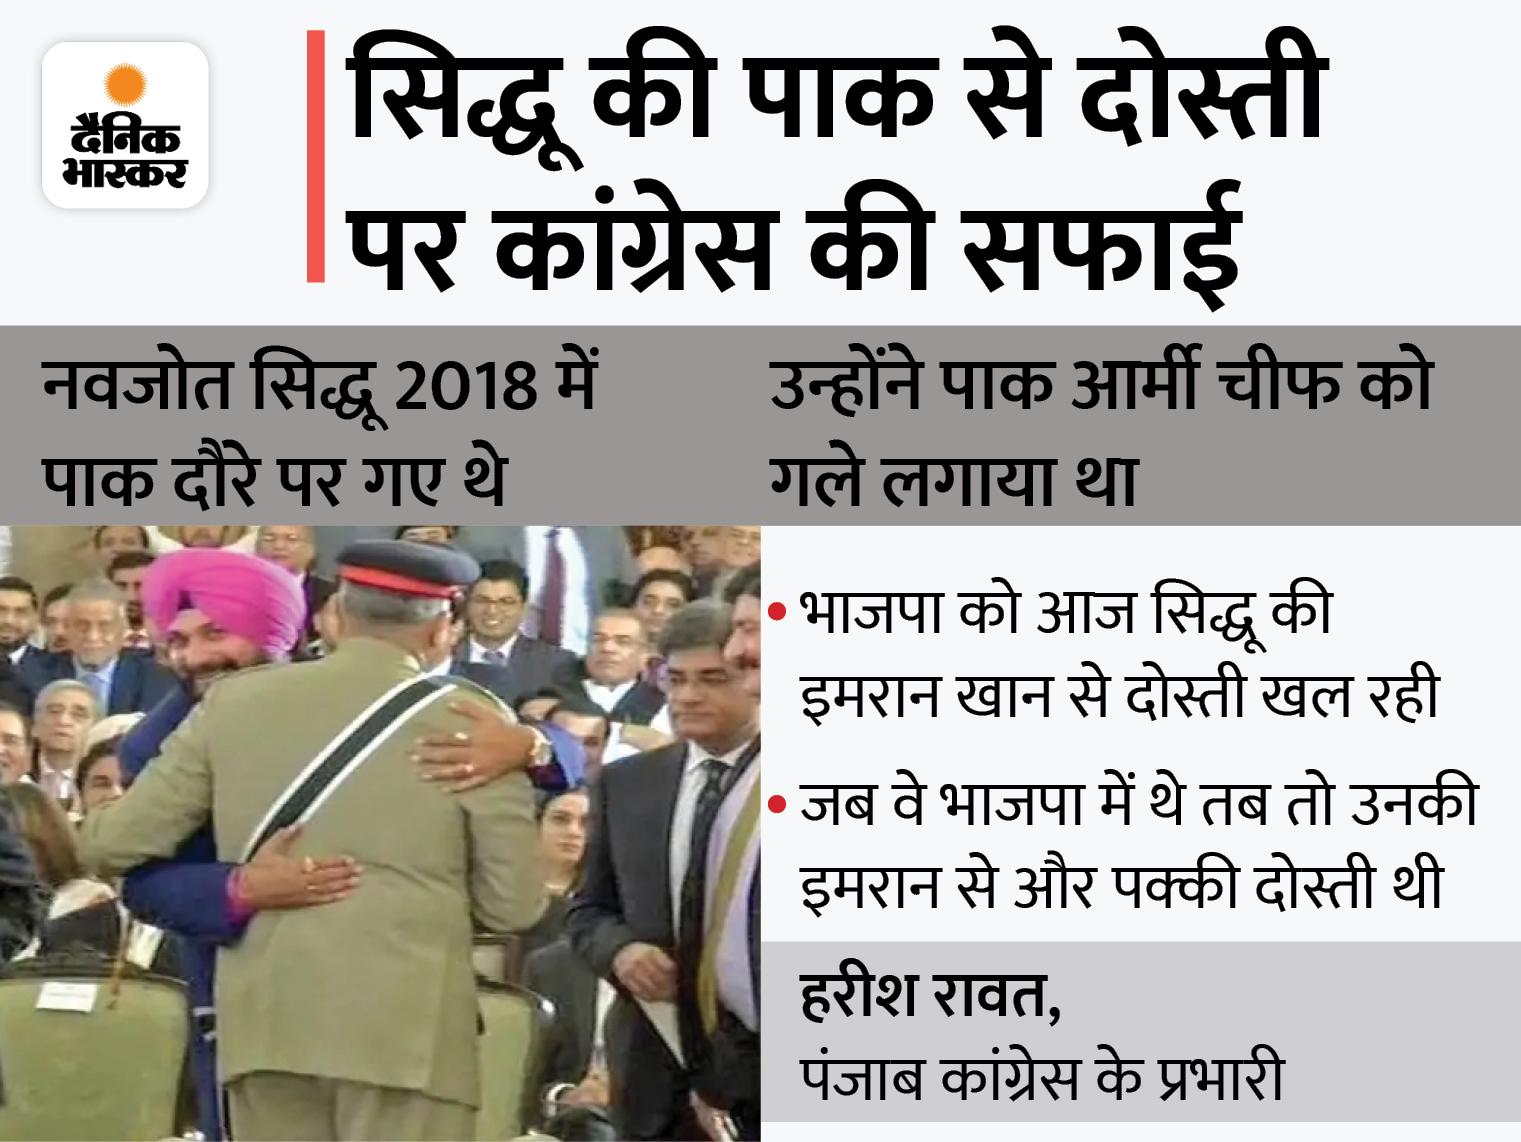 हरीश रावत बोले- पाक सेना प्रमुख नवजोत सिद्धू के पंजाबी भाई; BJP से कहा- मोदी जी भी नवाज शरीफ से गले मिले थे|देश,National - Dainik Bhaskar